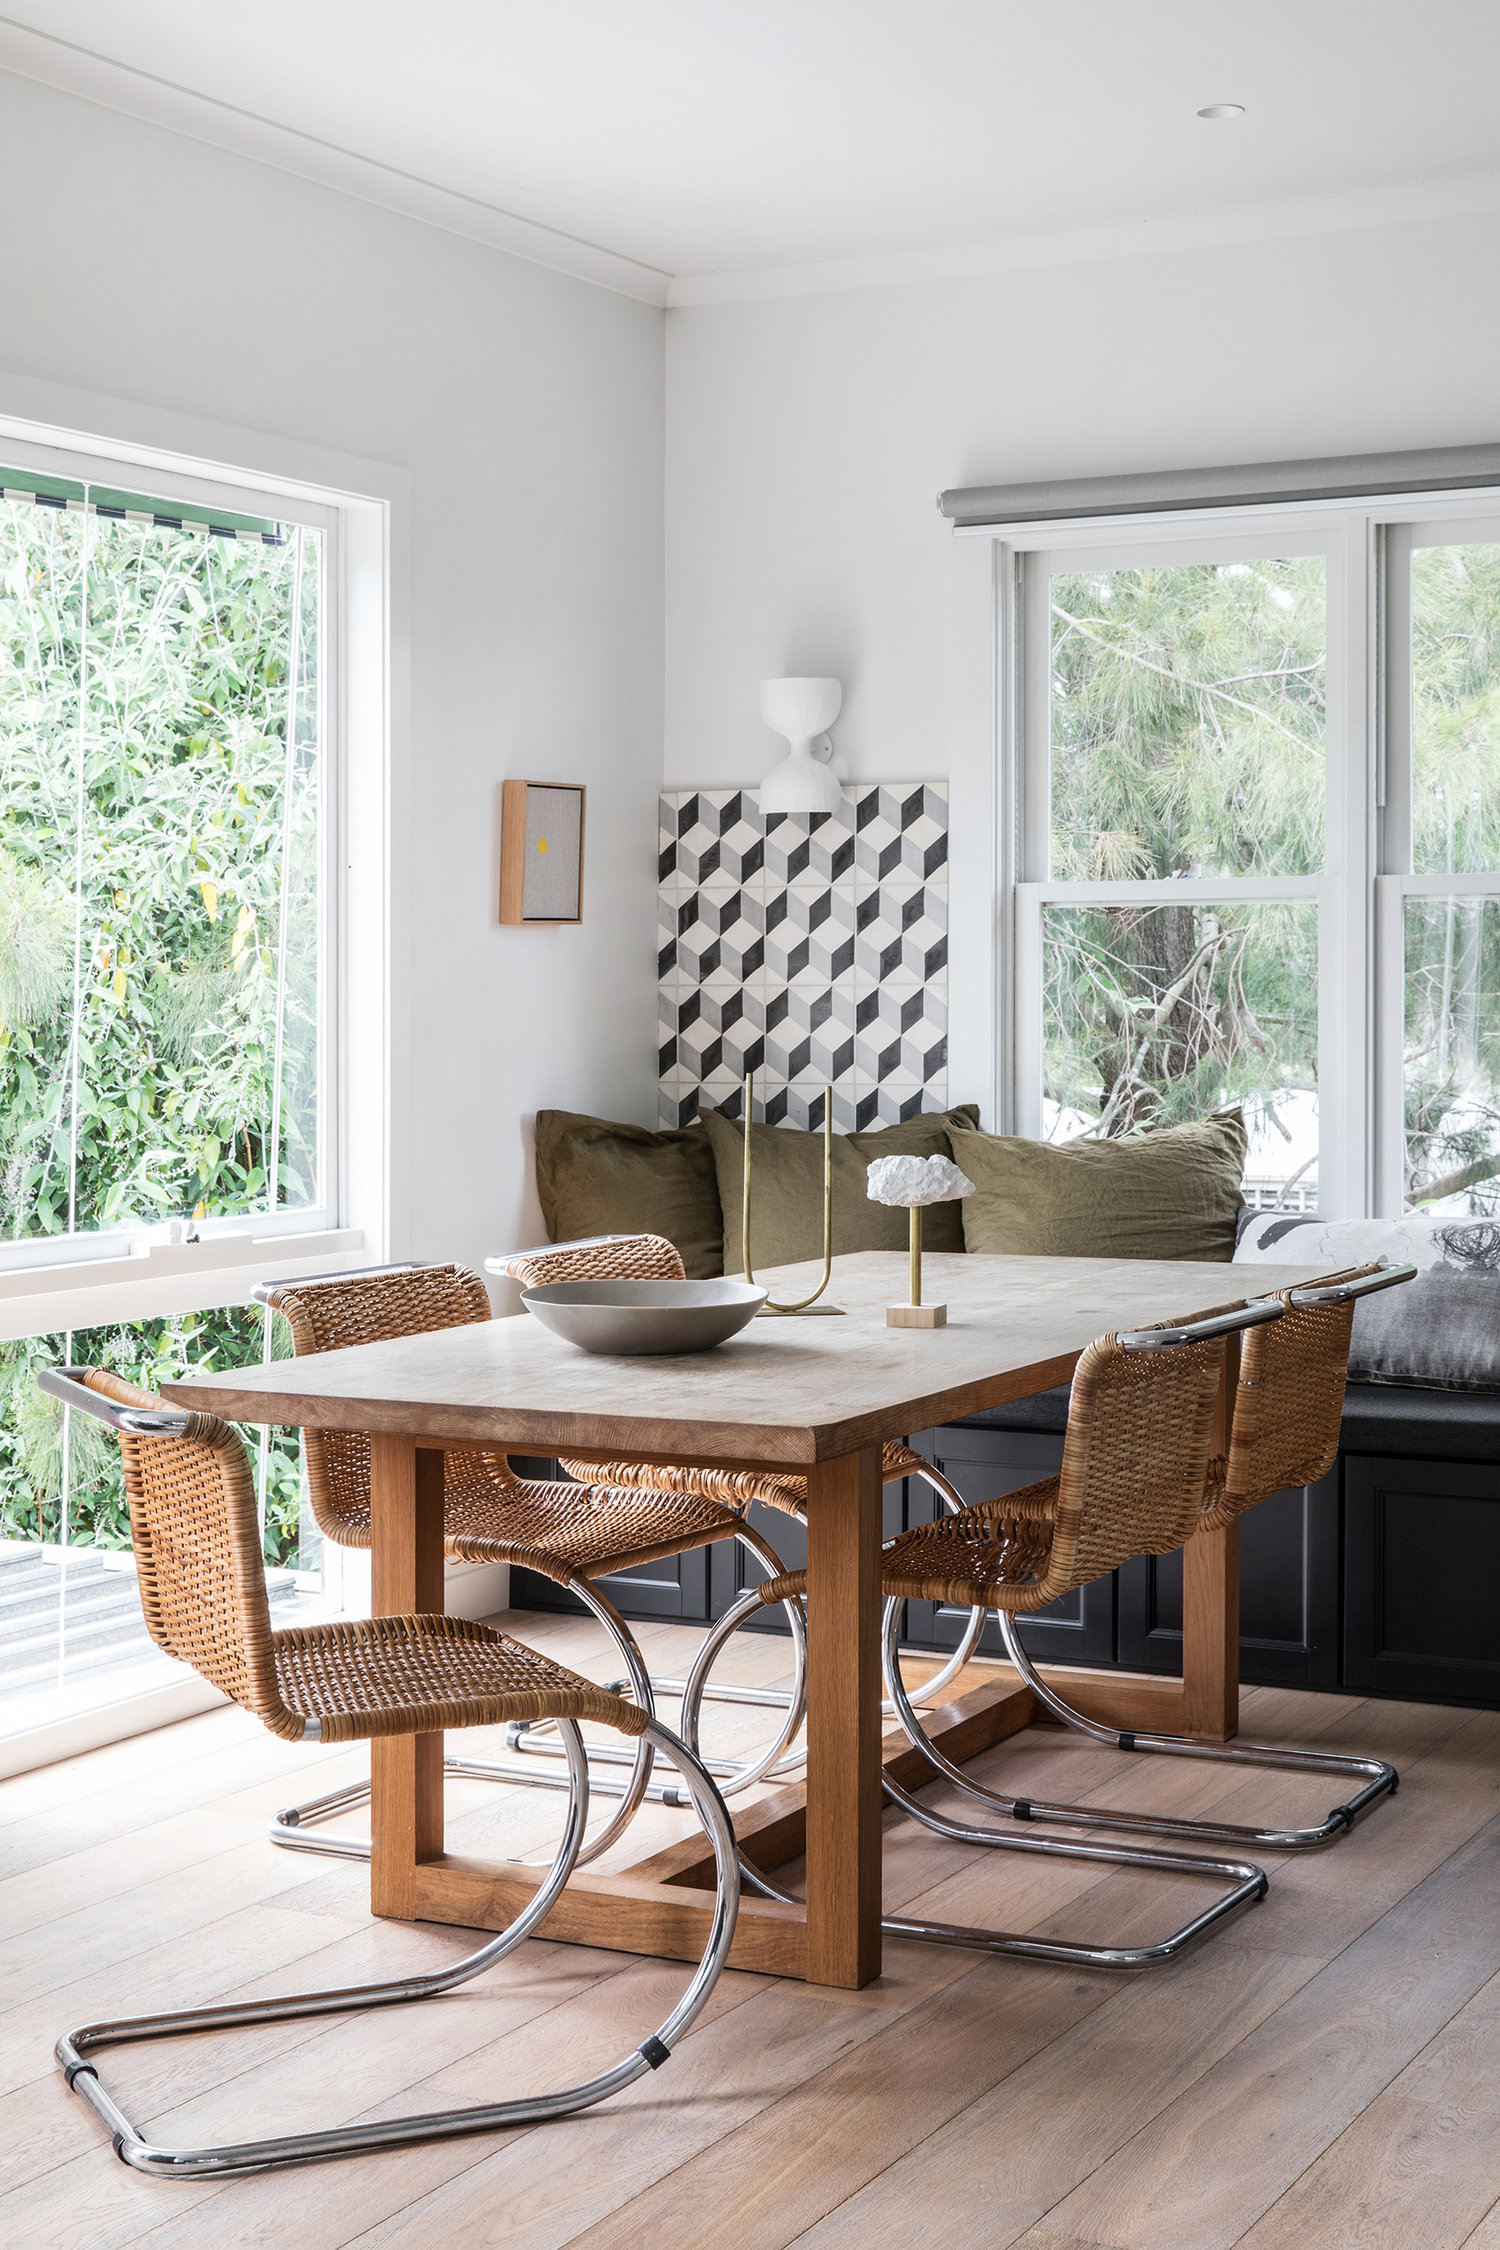 carrelage noir et blanc s'étend dans le coin de la salle à manger | visite de la maison sur coco kelley